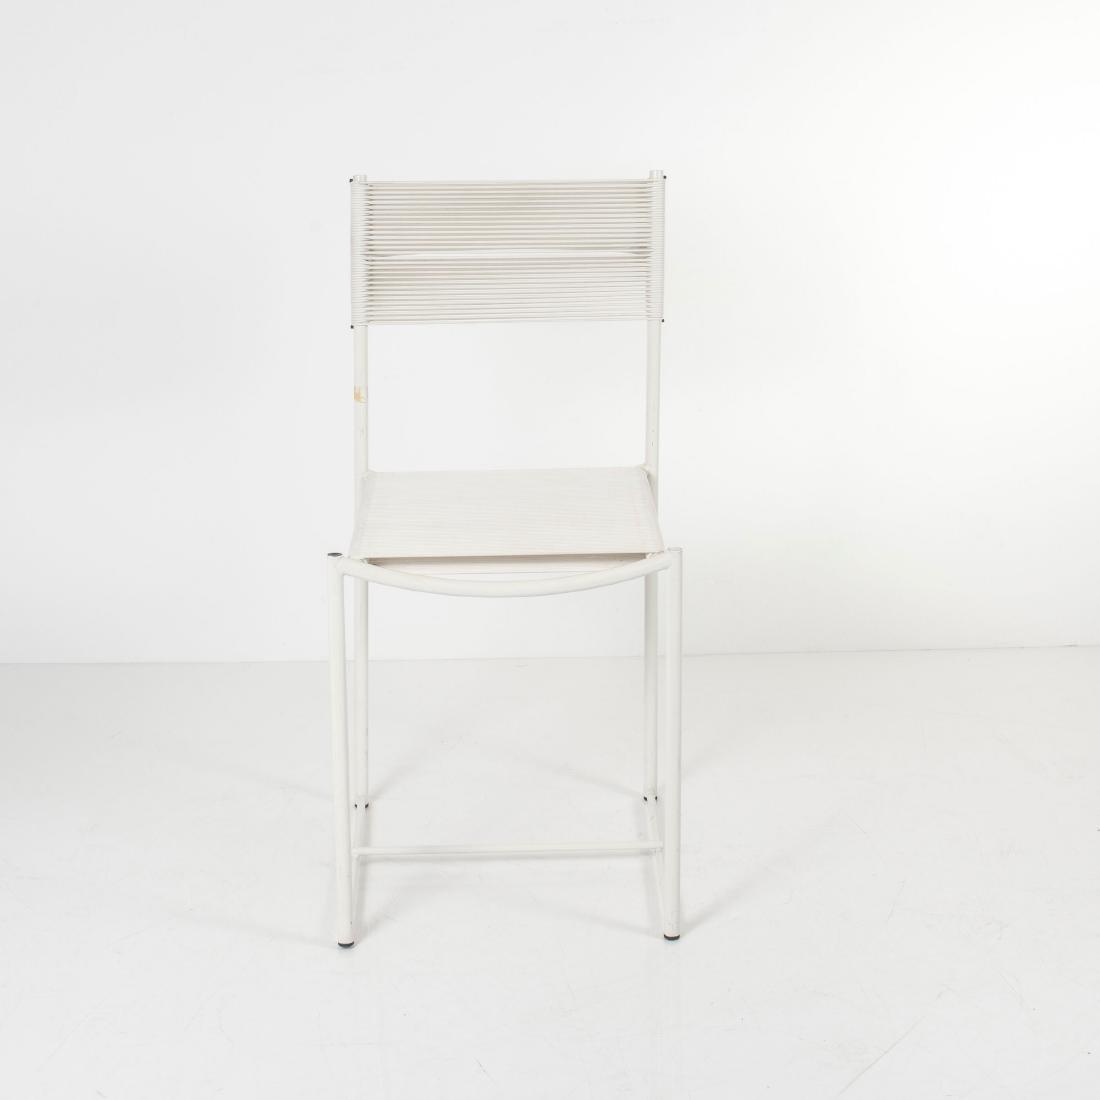 'Spaghetti chair', 1979 - 2